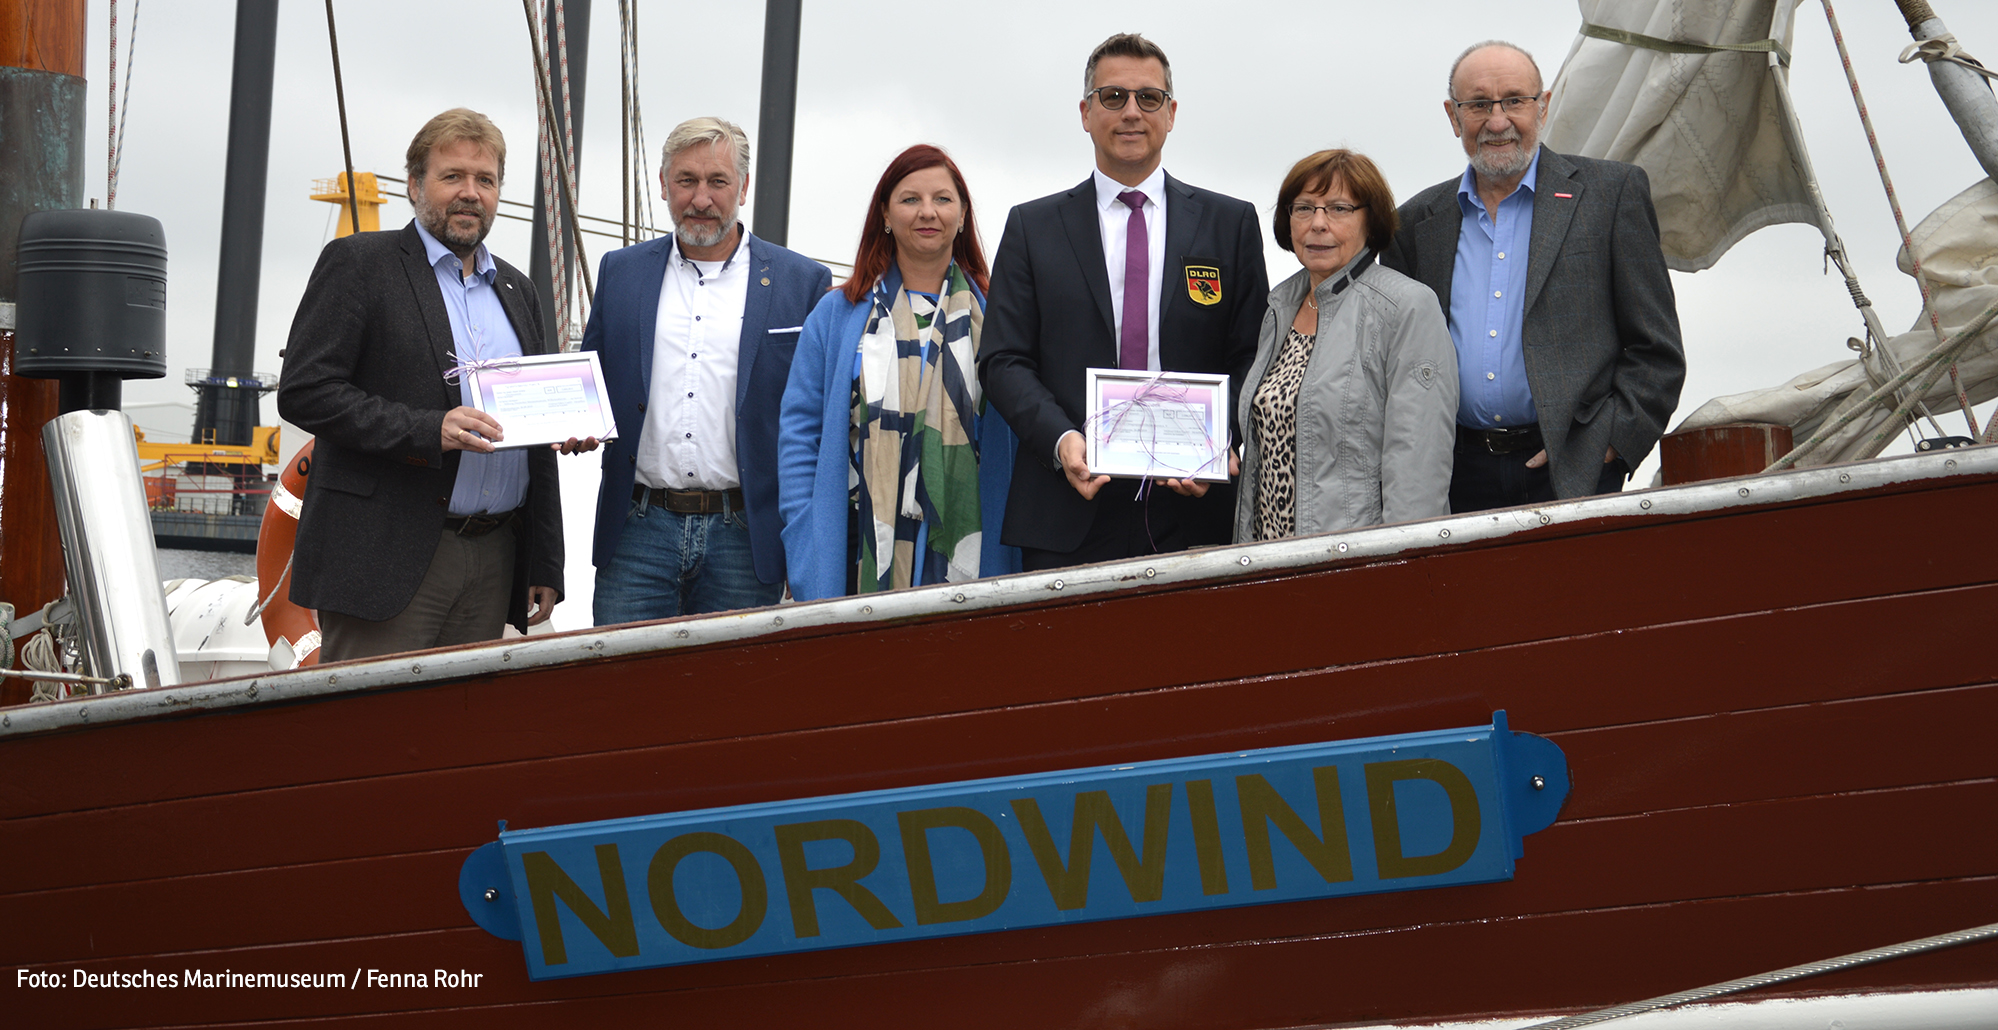 """Spendenübergabe an Bord der """"Nordwind"""", v.l.n.r.: Dr. Stephan Huck, Matthias und Heidi Eiben, Carsten Schröder, Heidi und Wilfried Eiben (Foto: Deutsches Marinemuseum / Fenna Rohr)"""